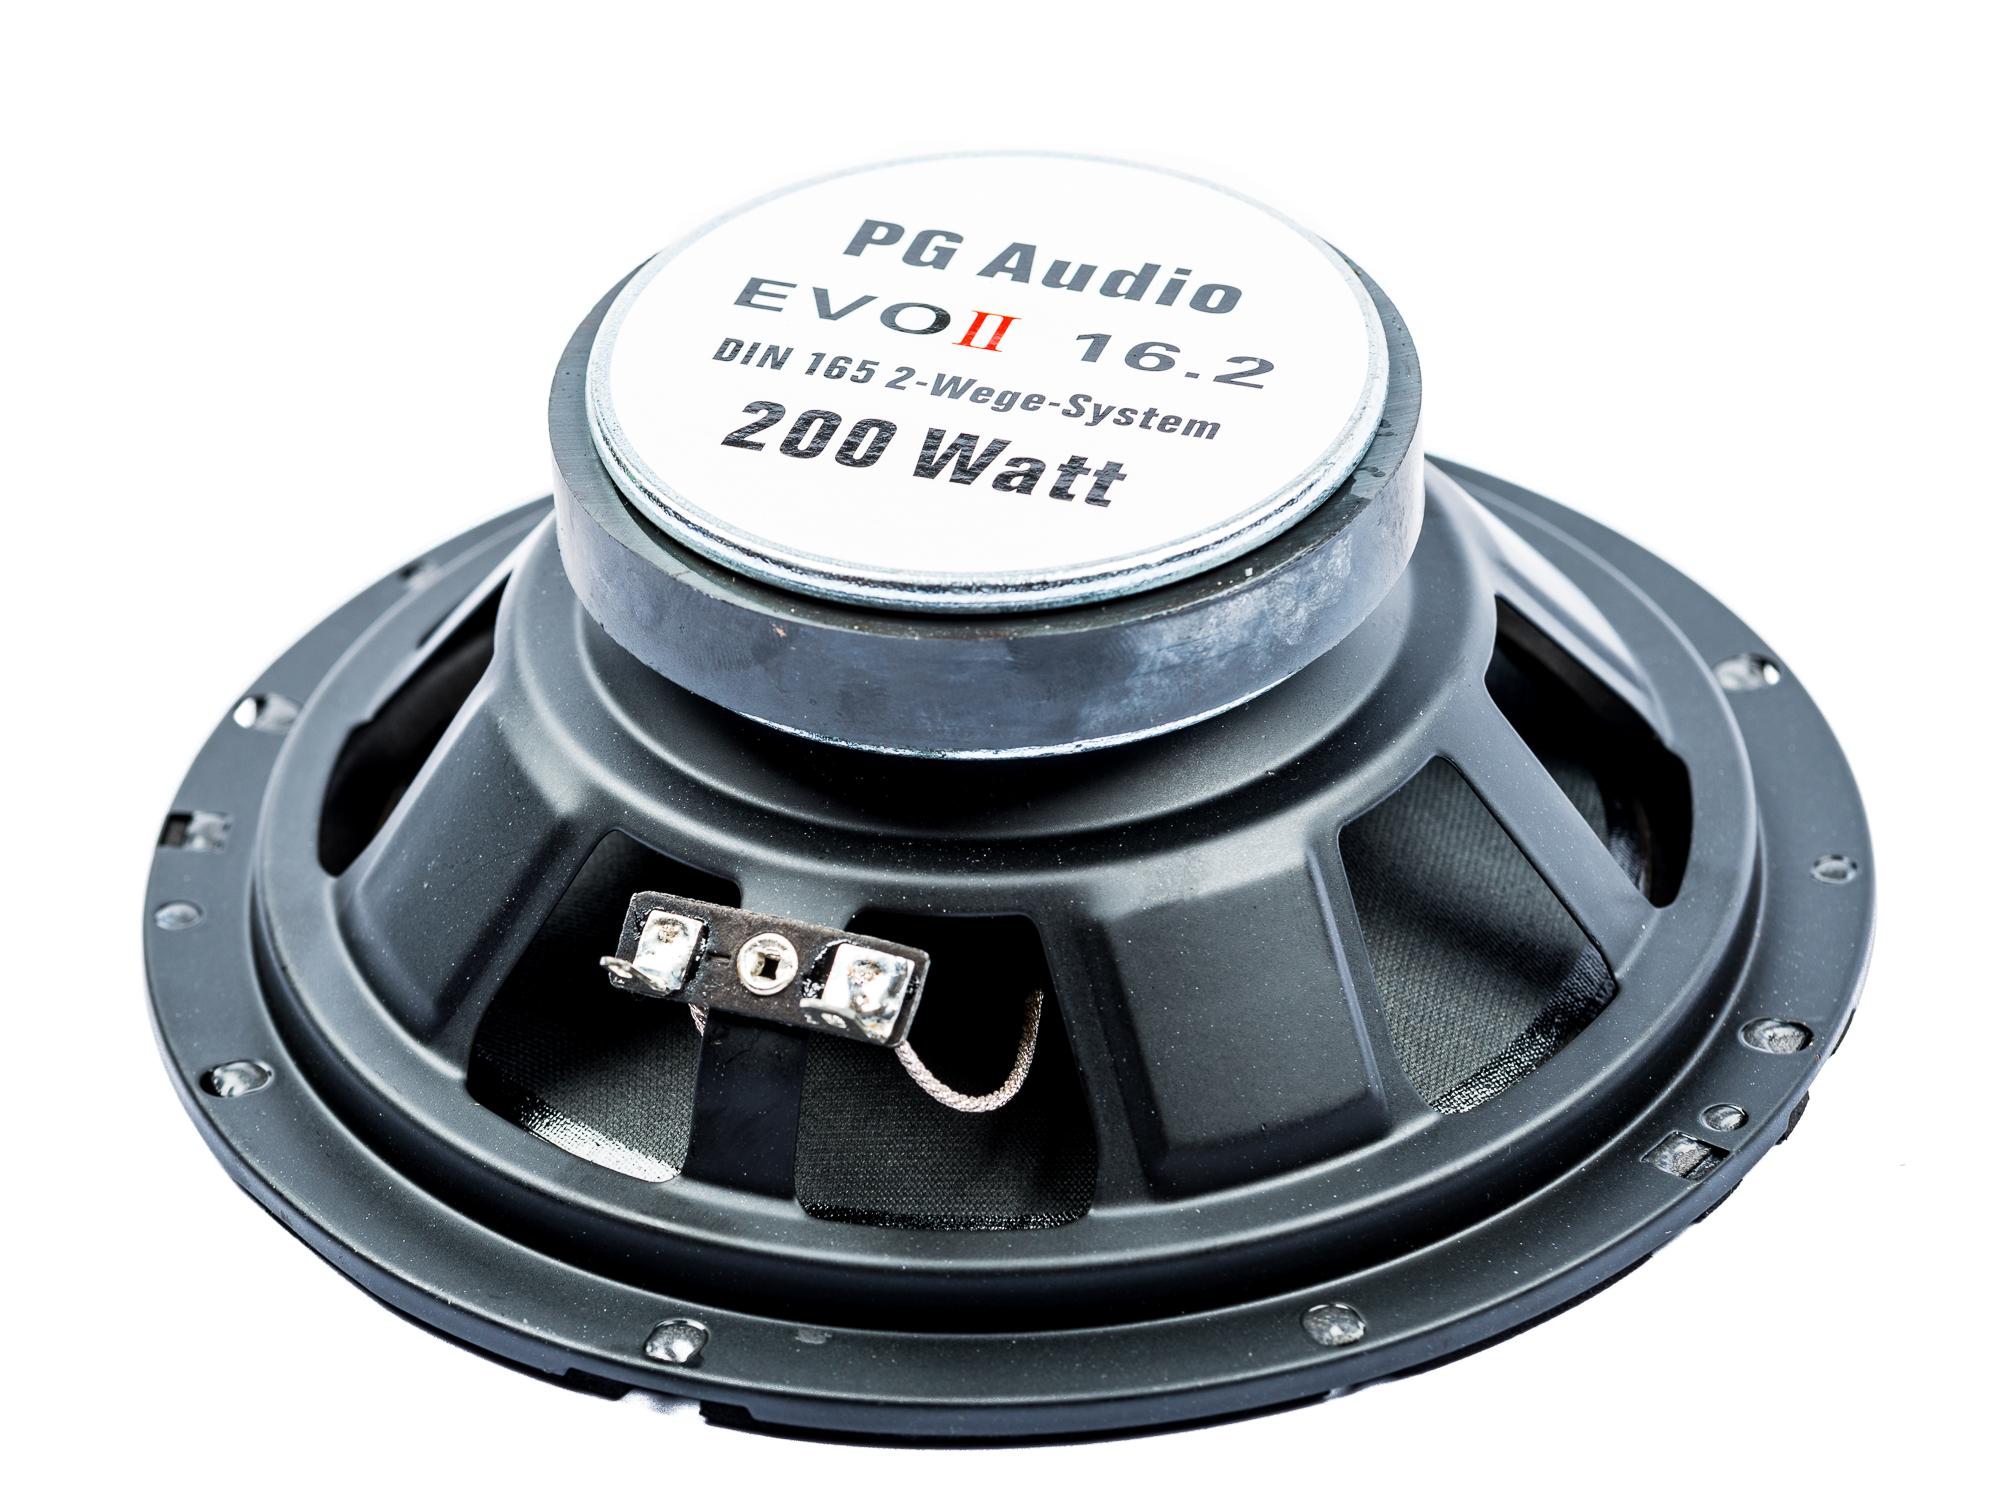 Fiat Panda Lautsprecher Einbauset Tür vorne und hinten PG Audio – Bild 3